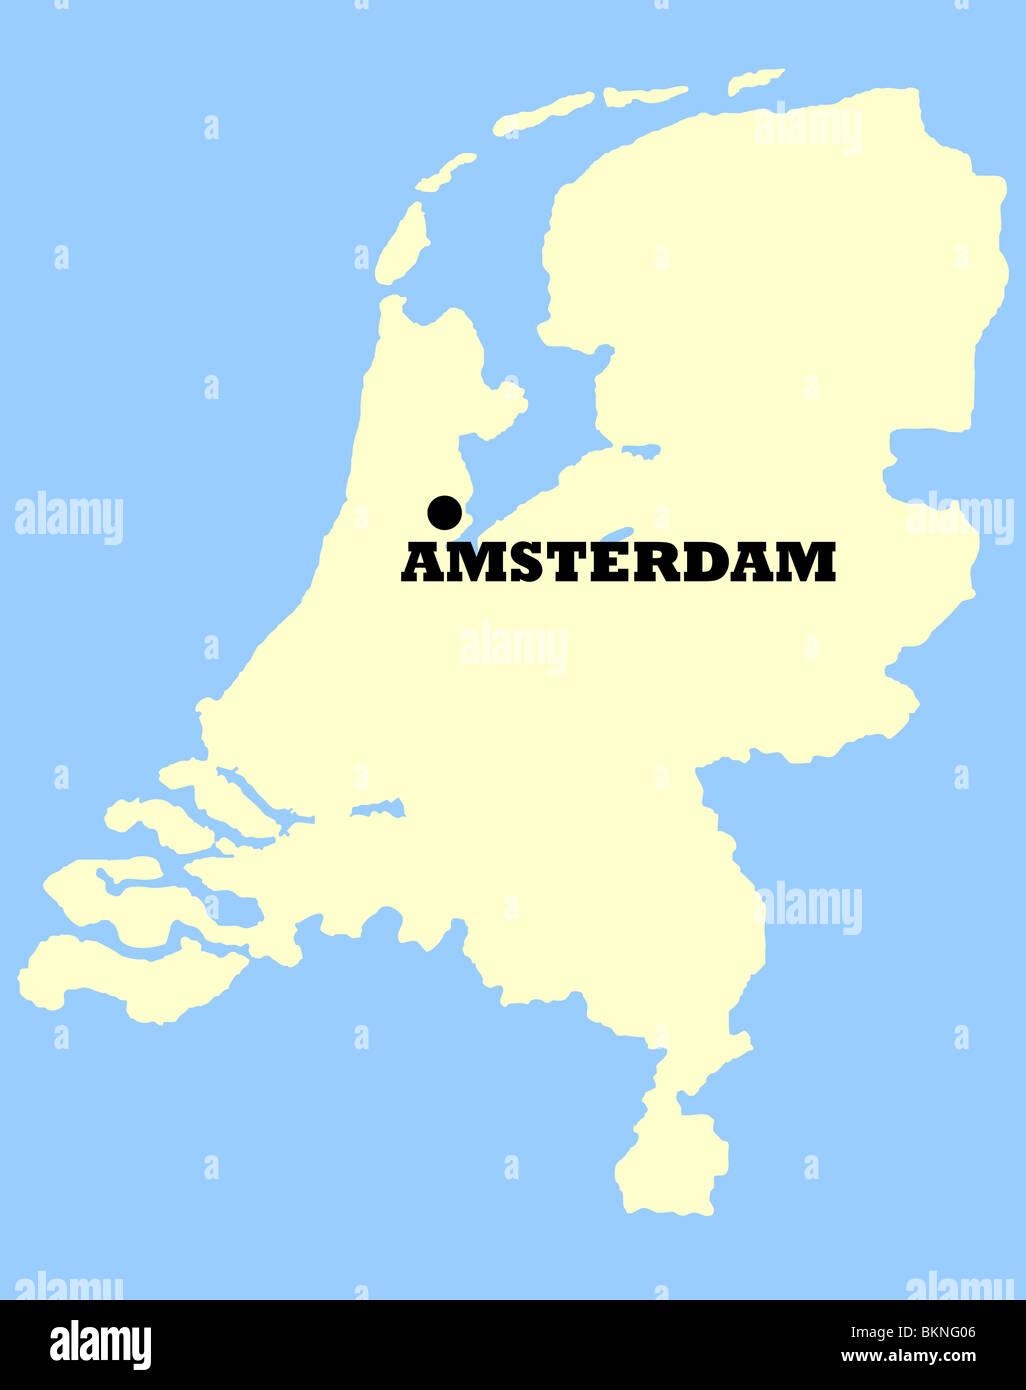 Niederlande Karte Umriss.Karte Von Niederlande Mit Amsterdam Gekennzeichnet Isoliert Auf